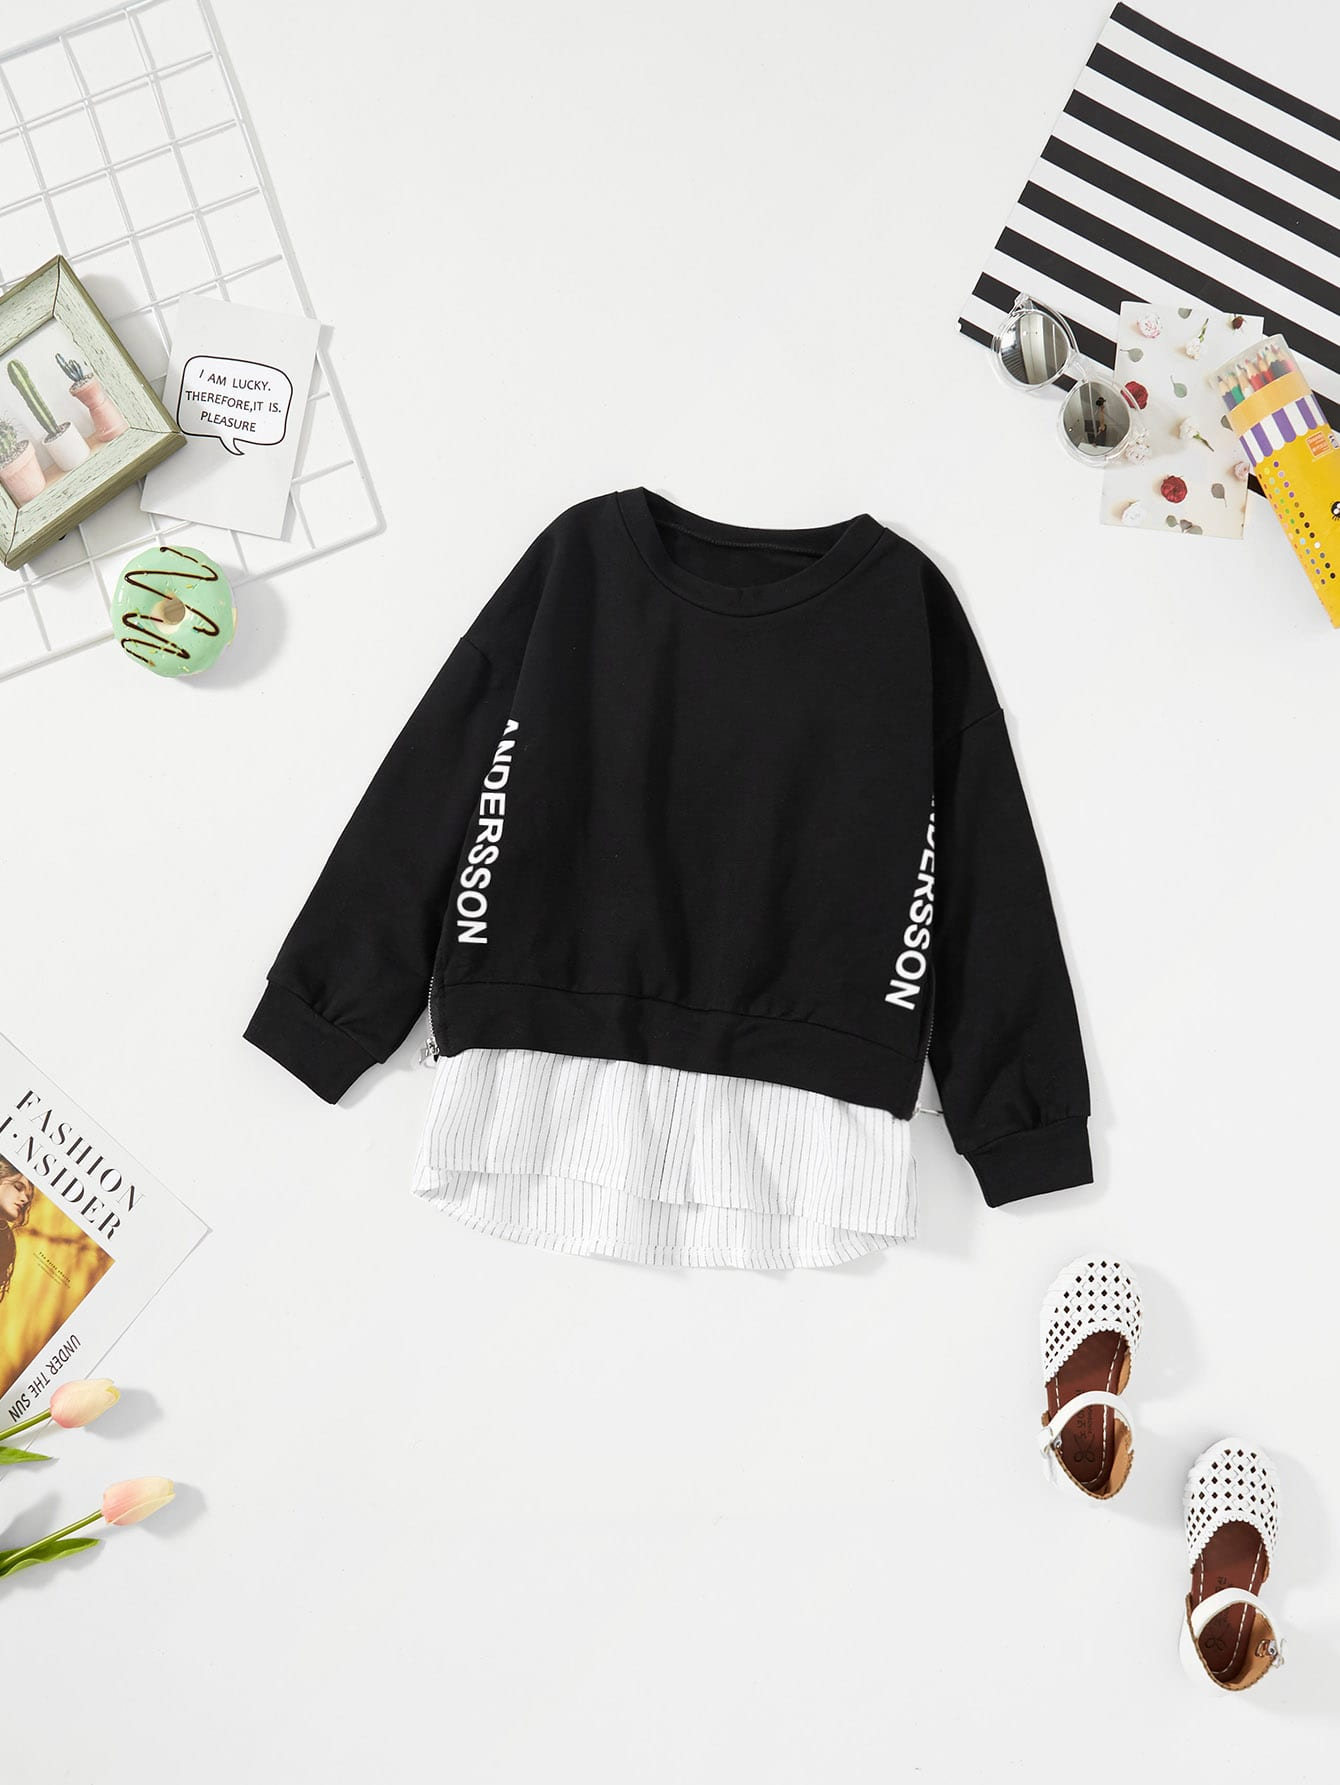 Mädchen 2 In 1 Sweatshirt mit Buchstabenmuster